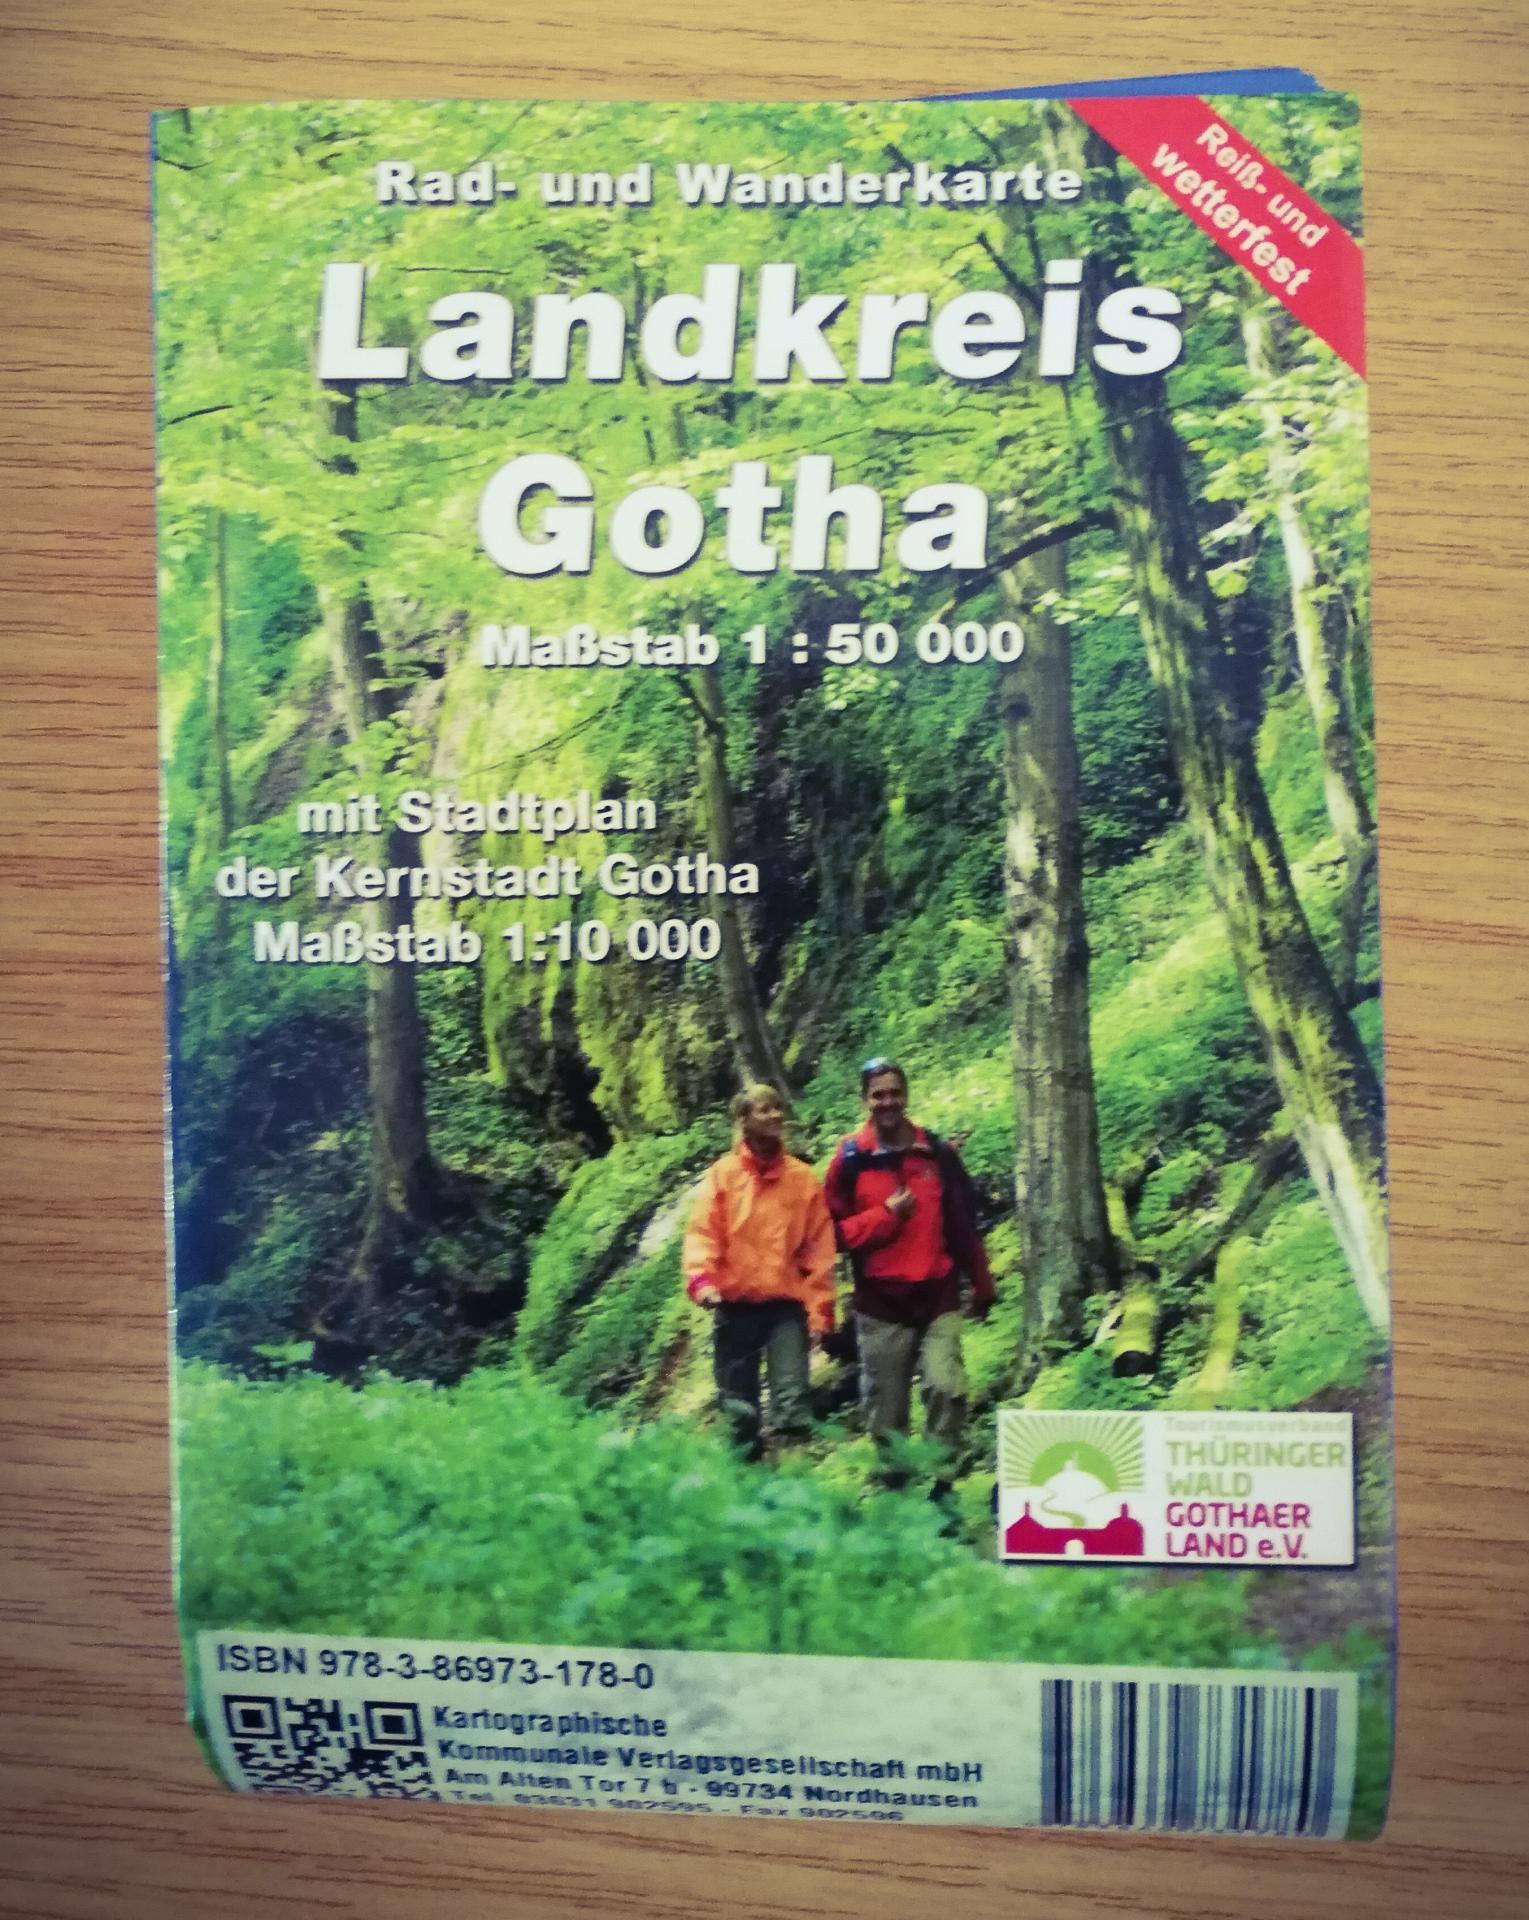 Rad- und Wanderkarte Landkreis Gotha